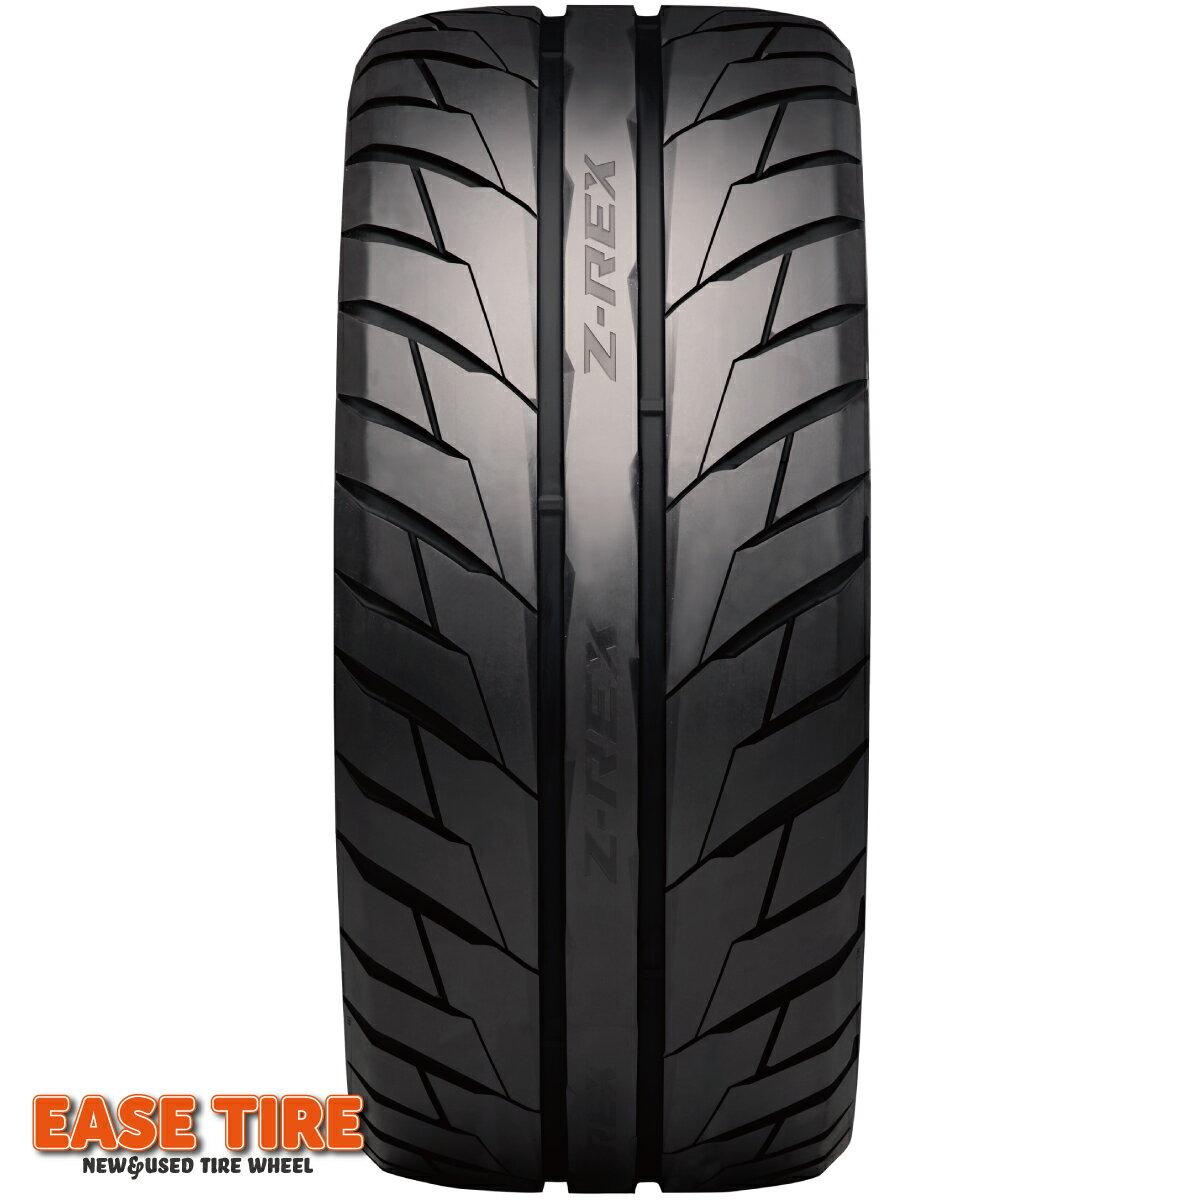 タイヤ・ホイール, サマータイヤ 24540R18 97W ZESTINO ZTS-7000 1 4